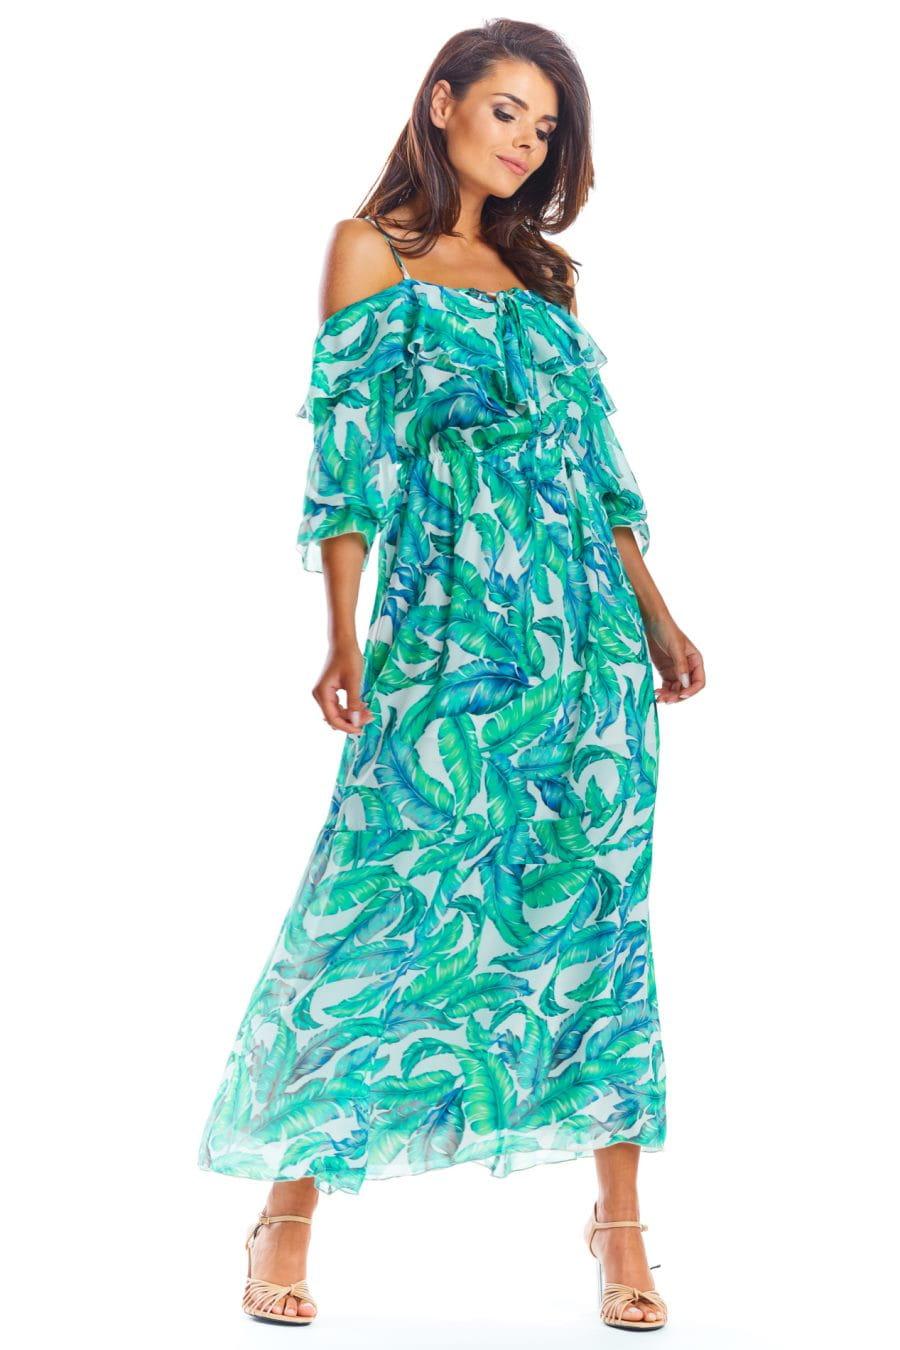 Zwiewna Sukienka Maxi Zielone Liście AW311